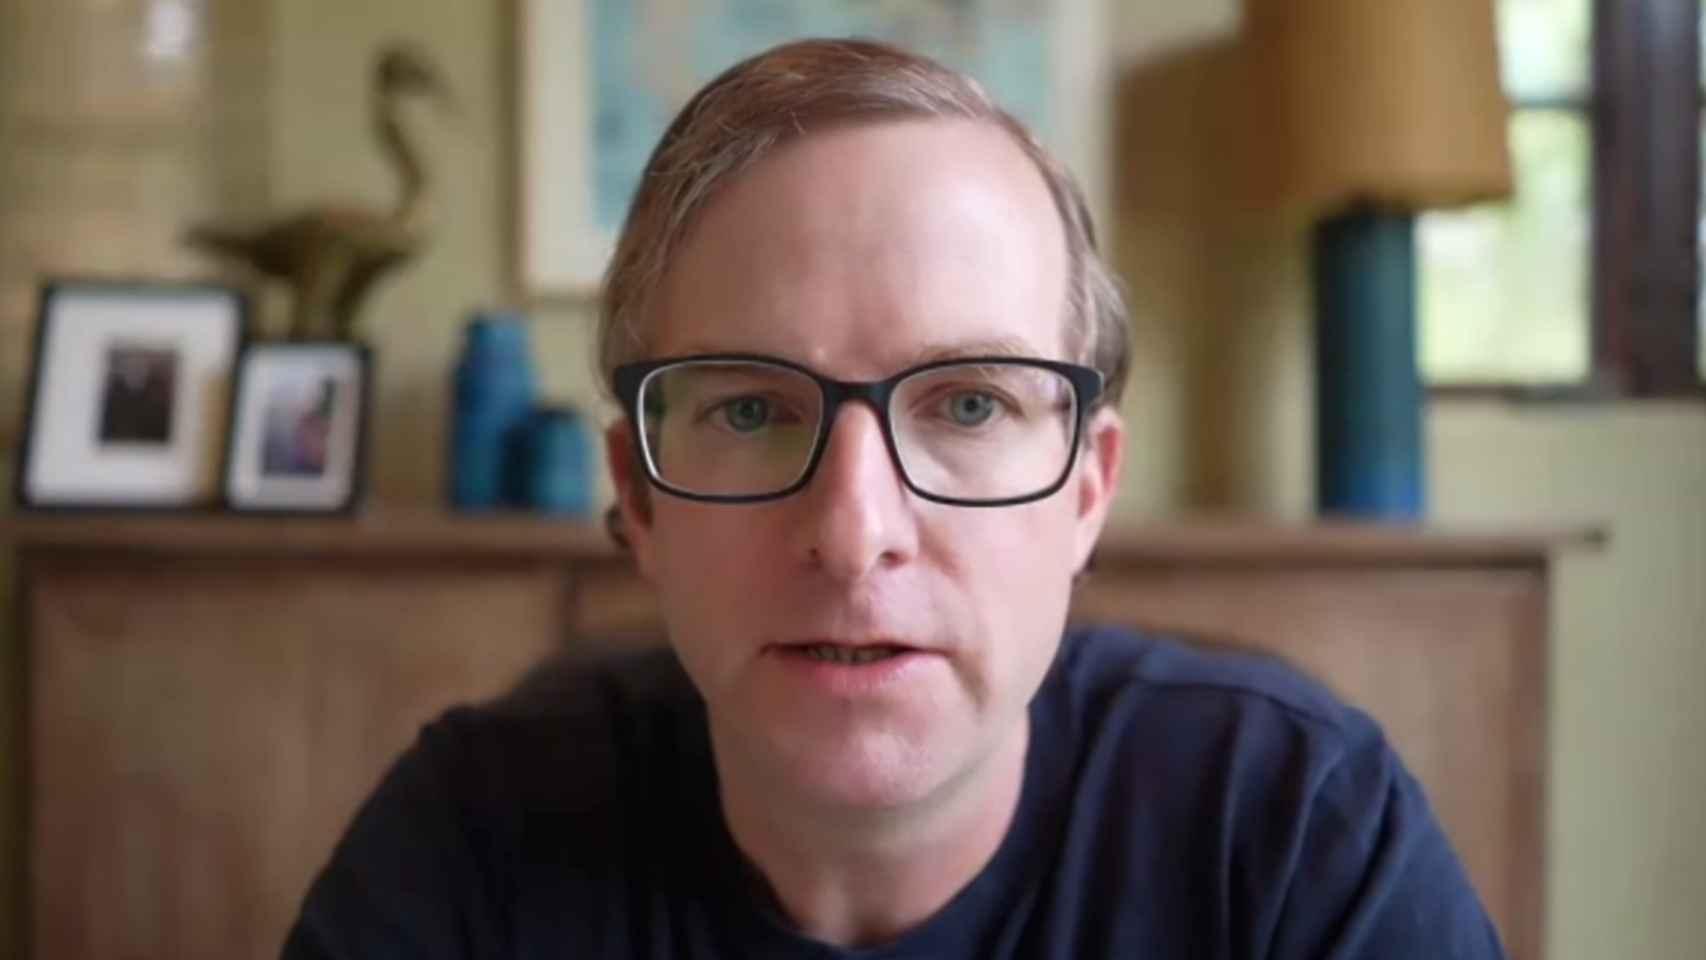 Mike Schroepfer, CTO de Facebook, durante la videoconferencia